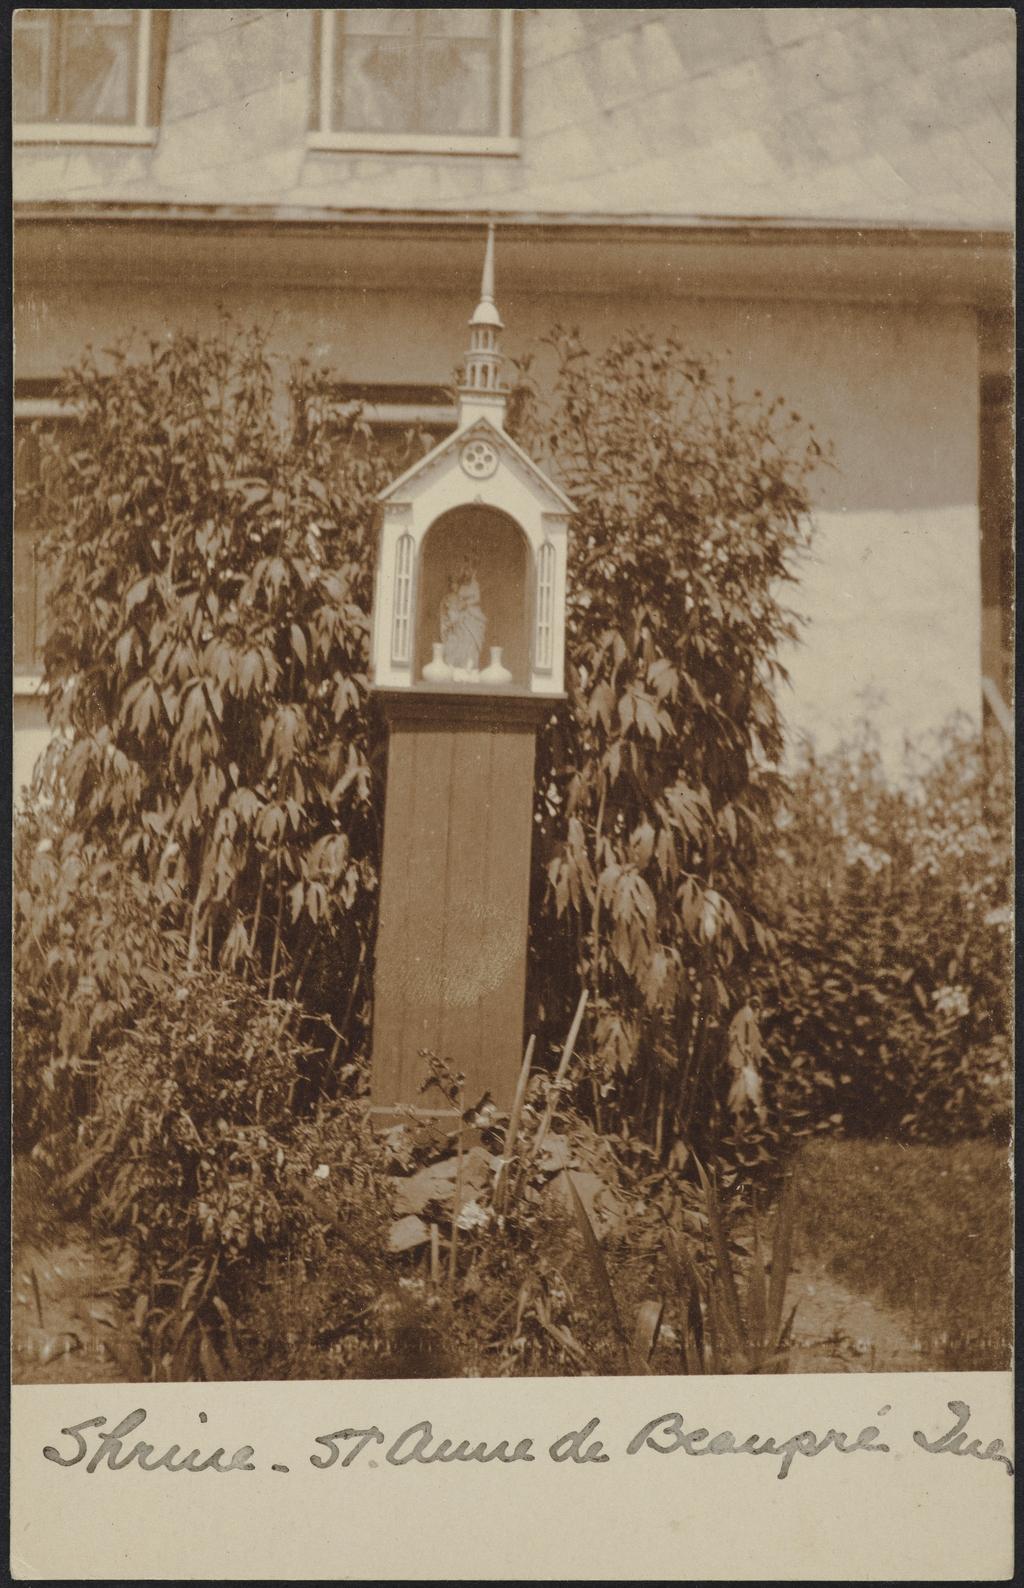 Petite Niche de la Vierge à l'Enfant, Sainte-Anne-de-Beaupré